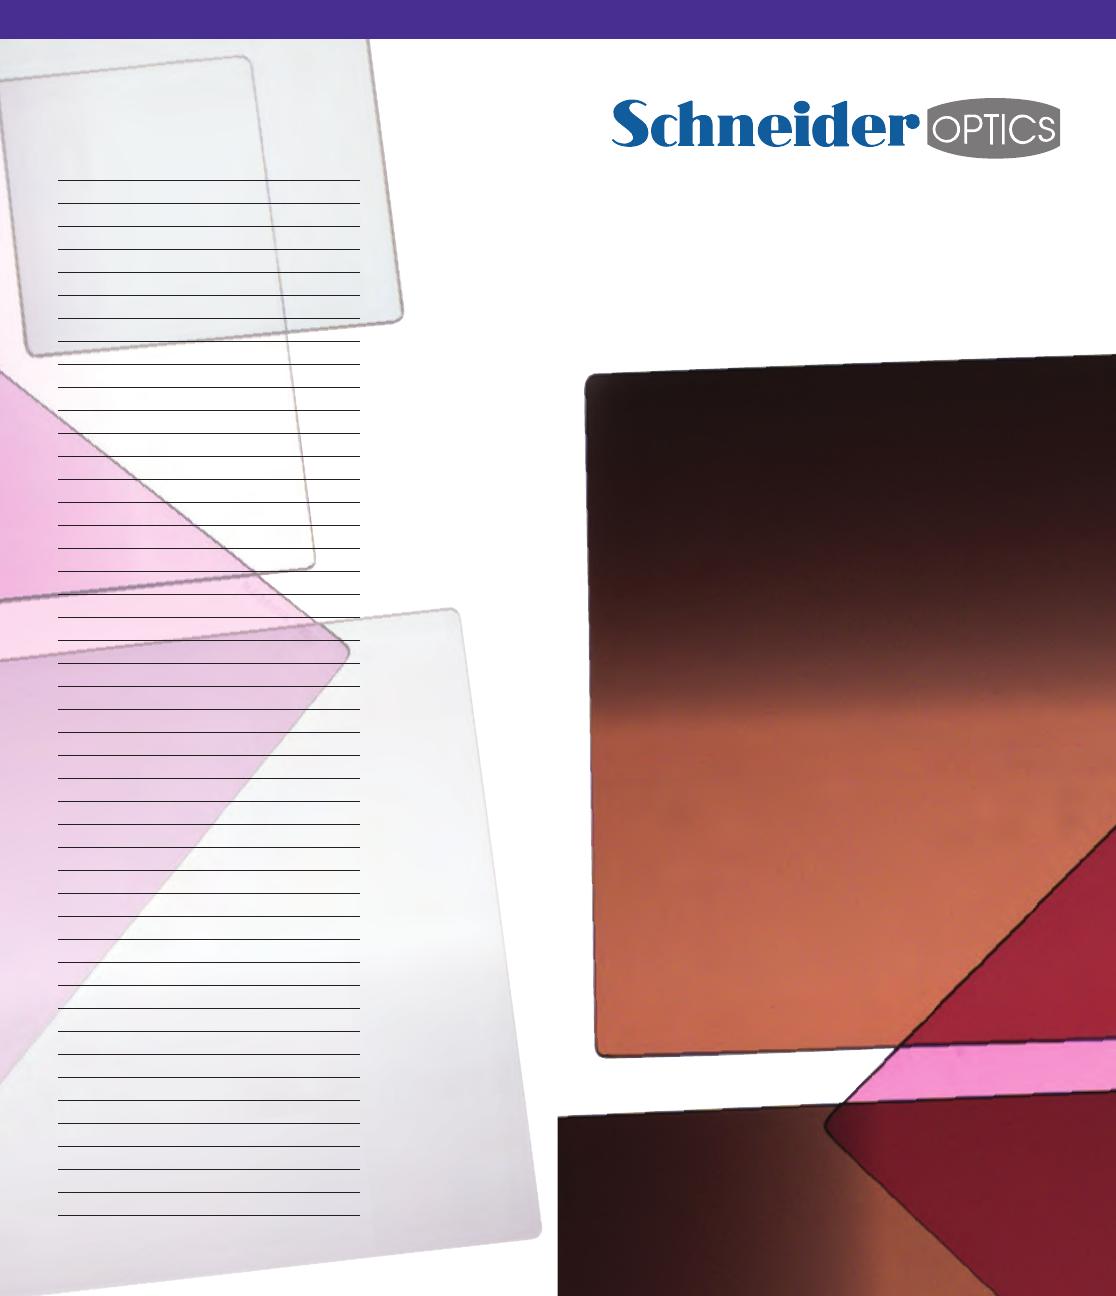 Schneider 138mm Three-Stop Unmounted Neutral Density 0.9 Circular Polarizer Filter